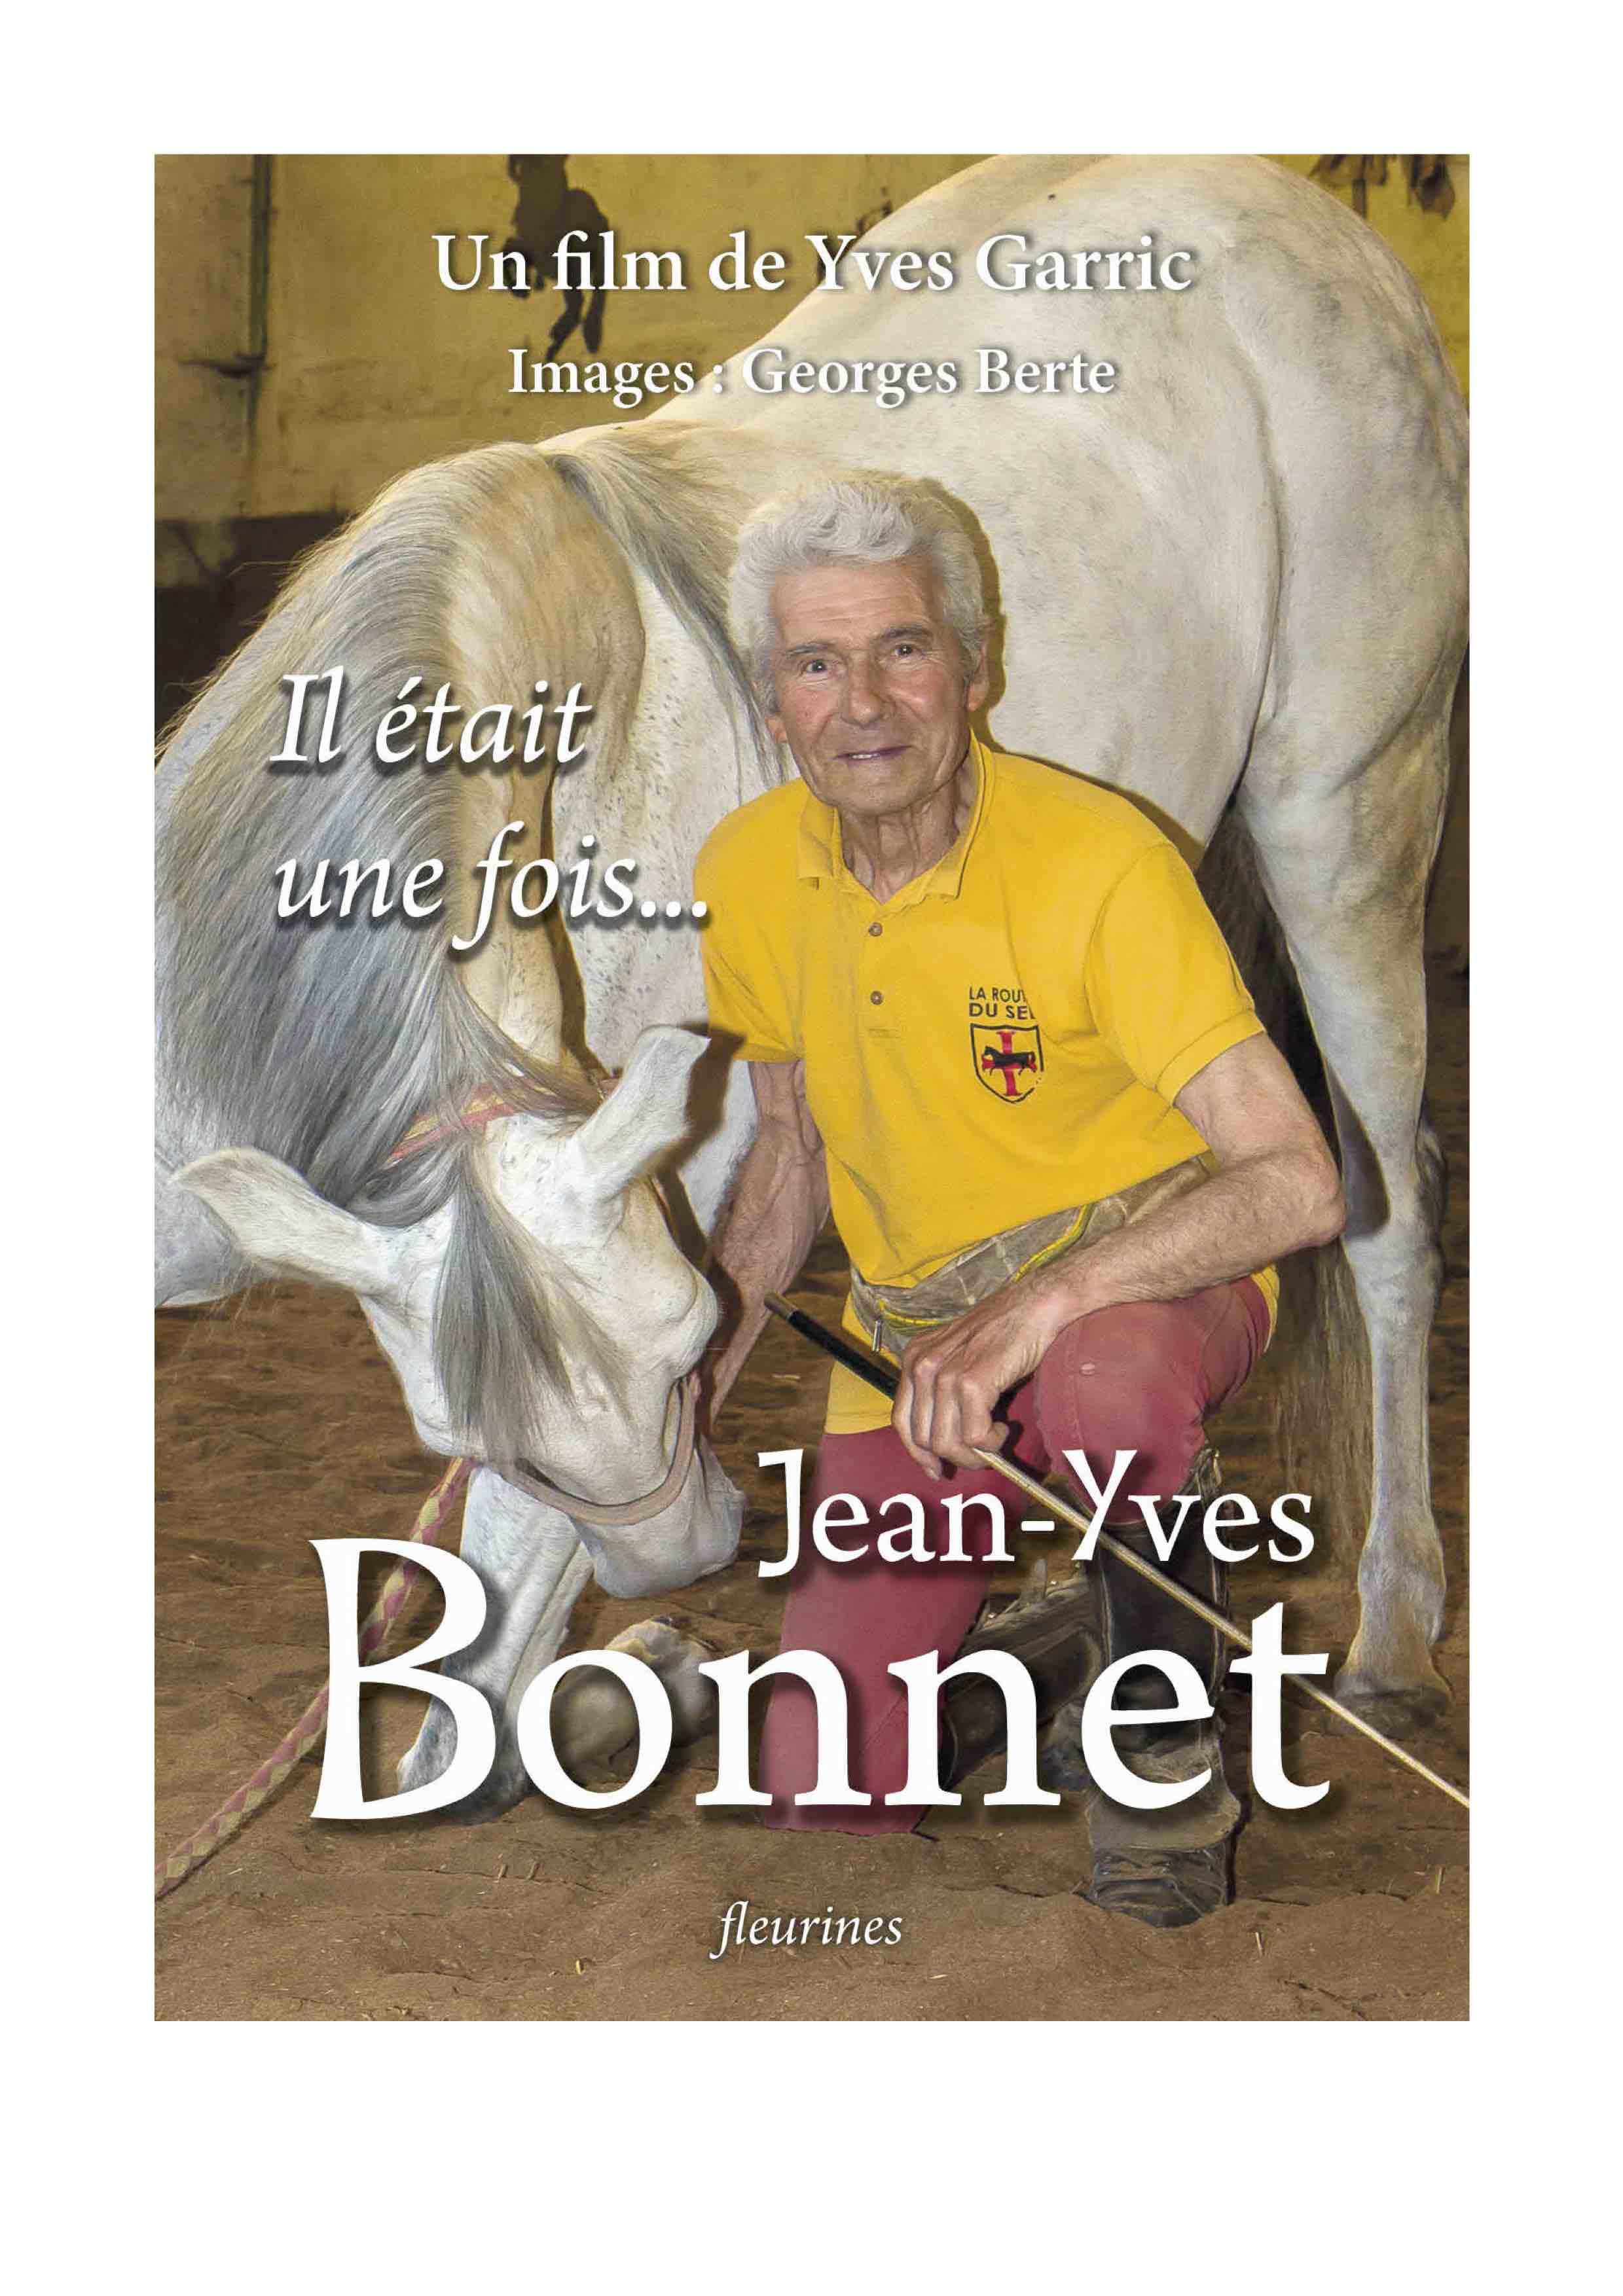 Il était une fois... JEAN-YVES BONNET